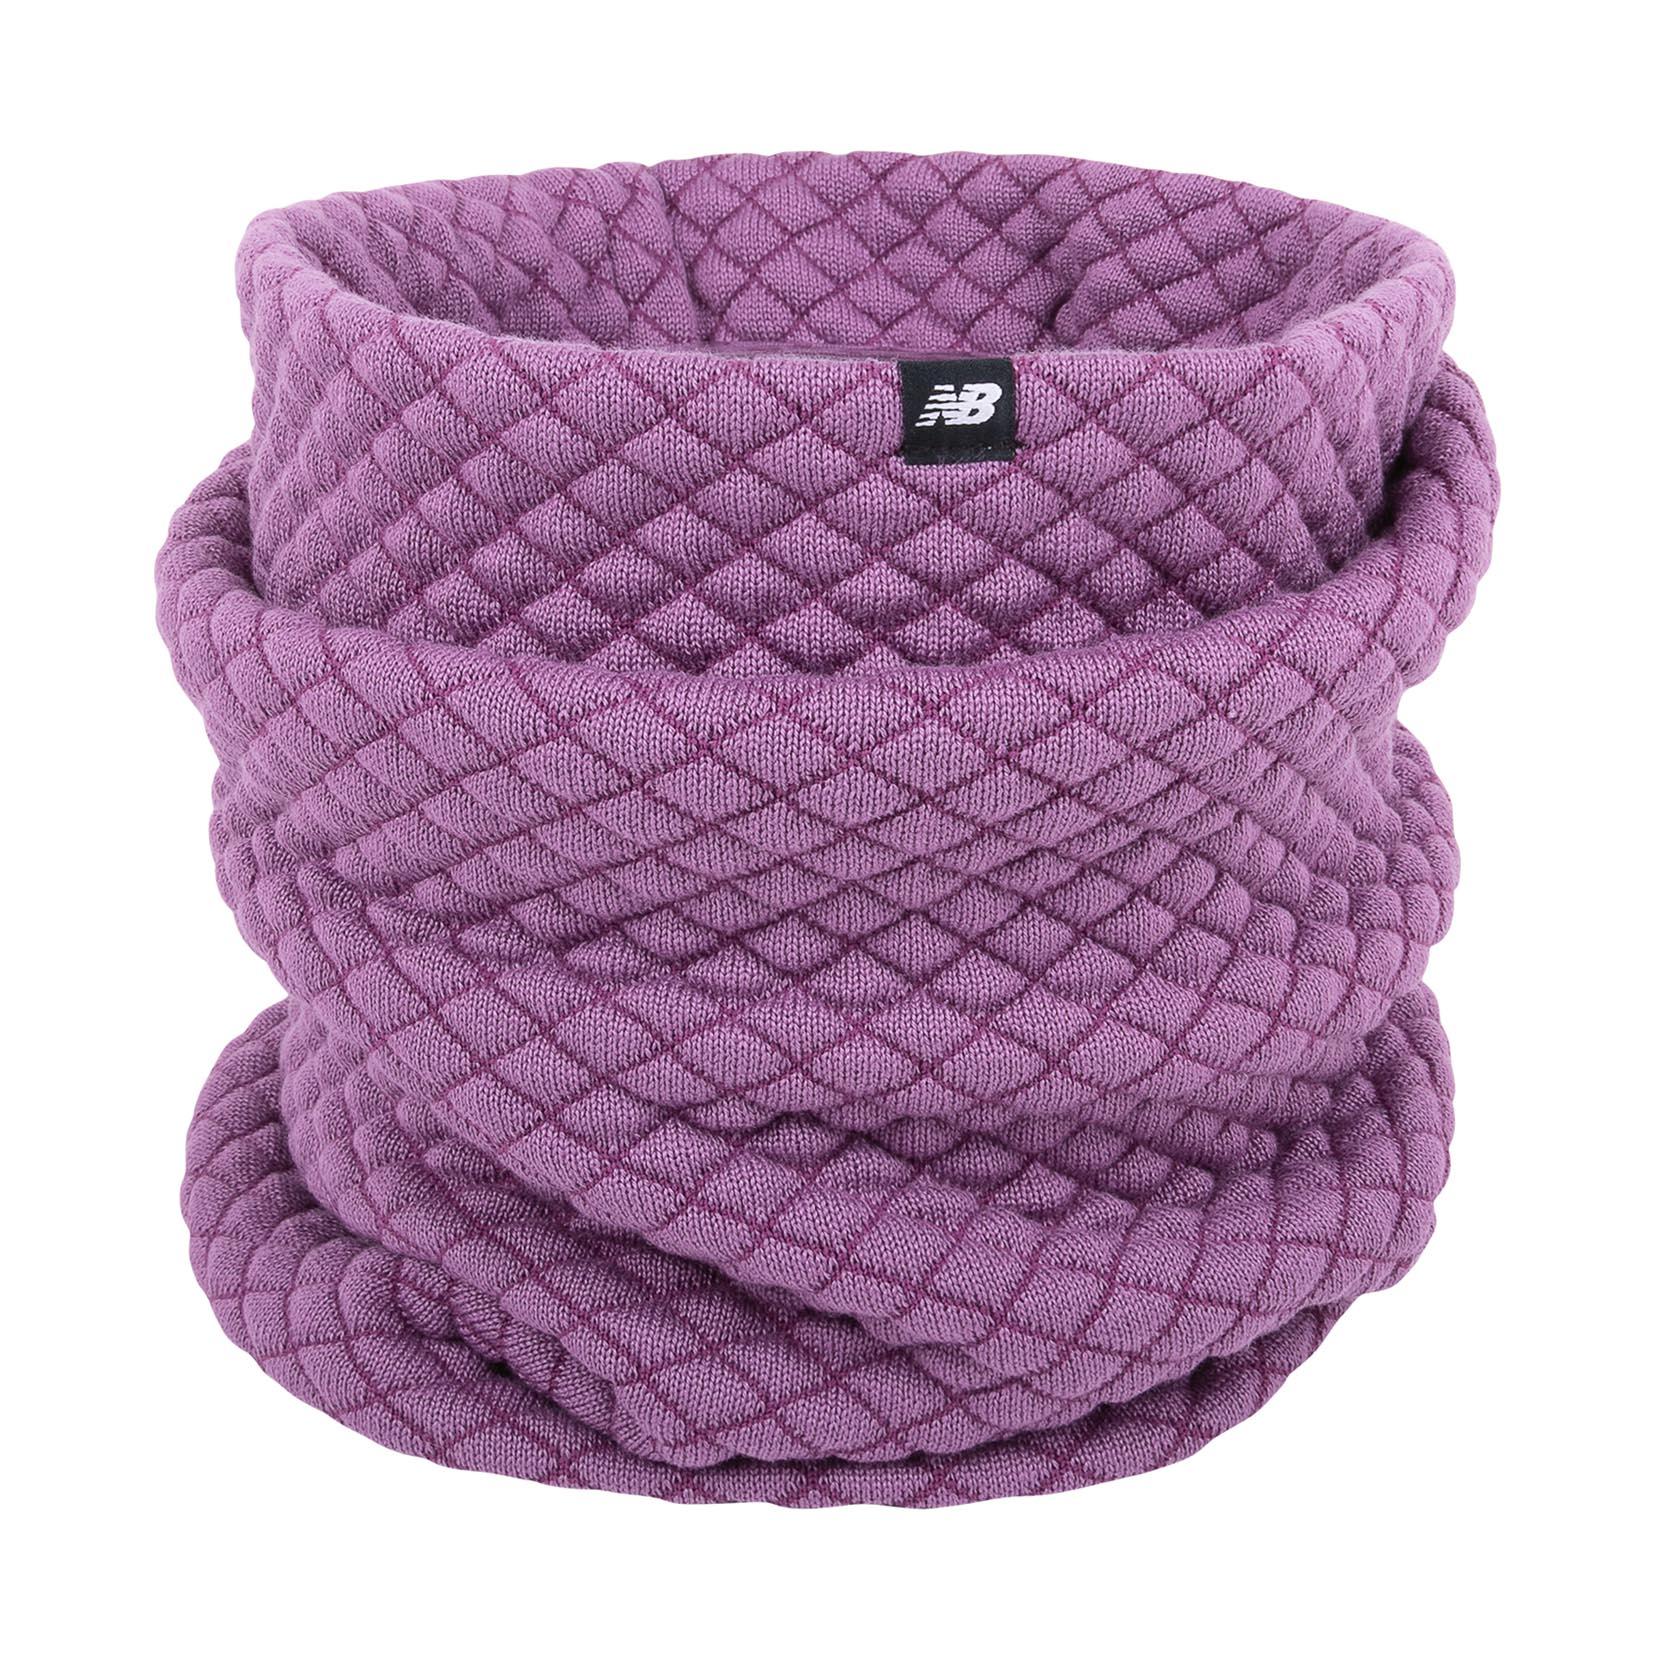 Снуд Warm Up Knit Snood LAH93008KPL | New Balance